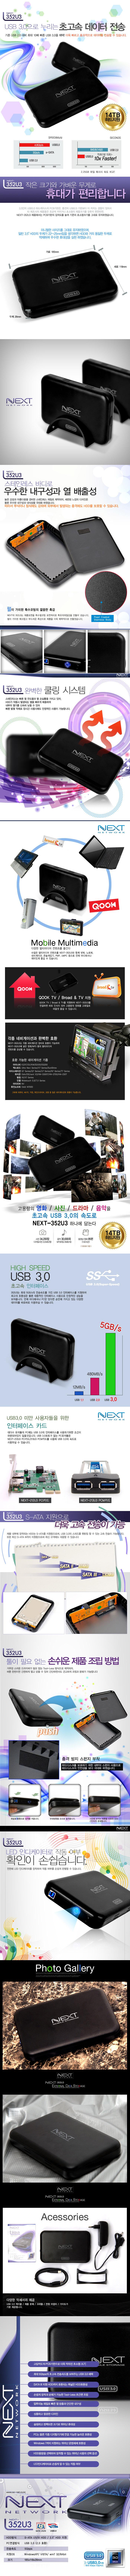 이지넷유비쿼터스 넥스트 NEXT-352U3 (6TB)